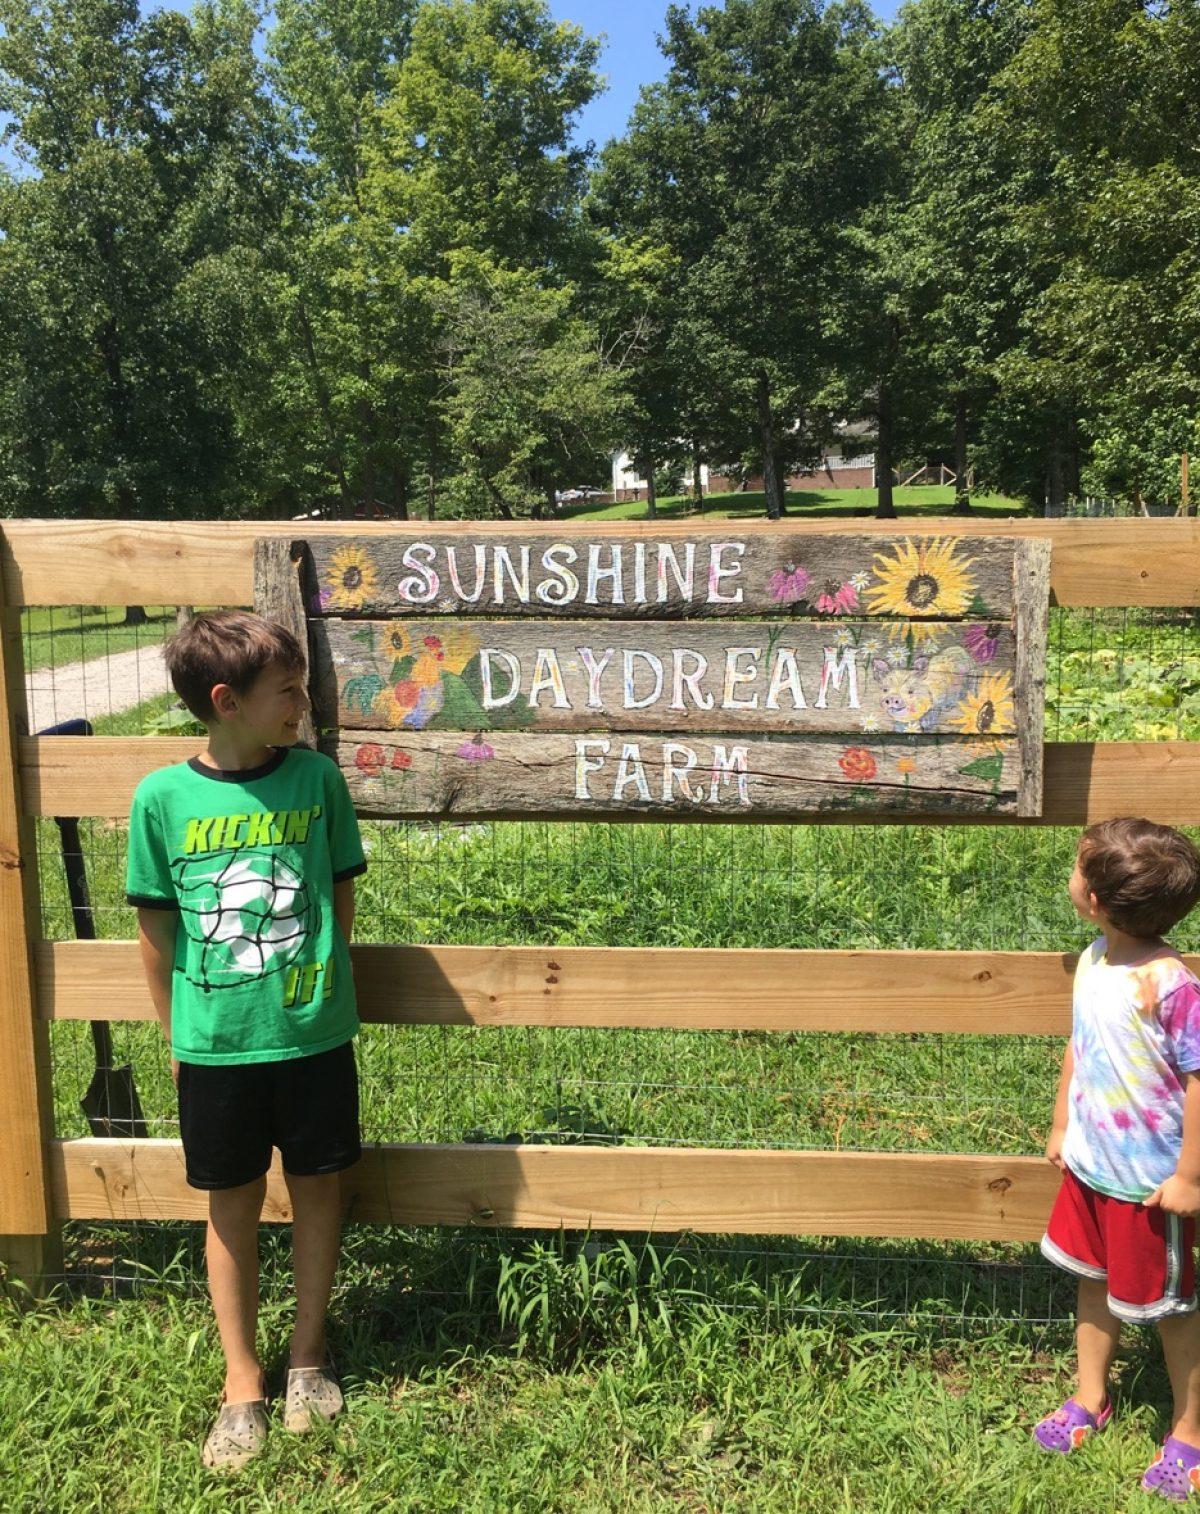 Sunshine Daydream Farm